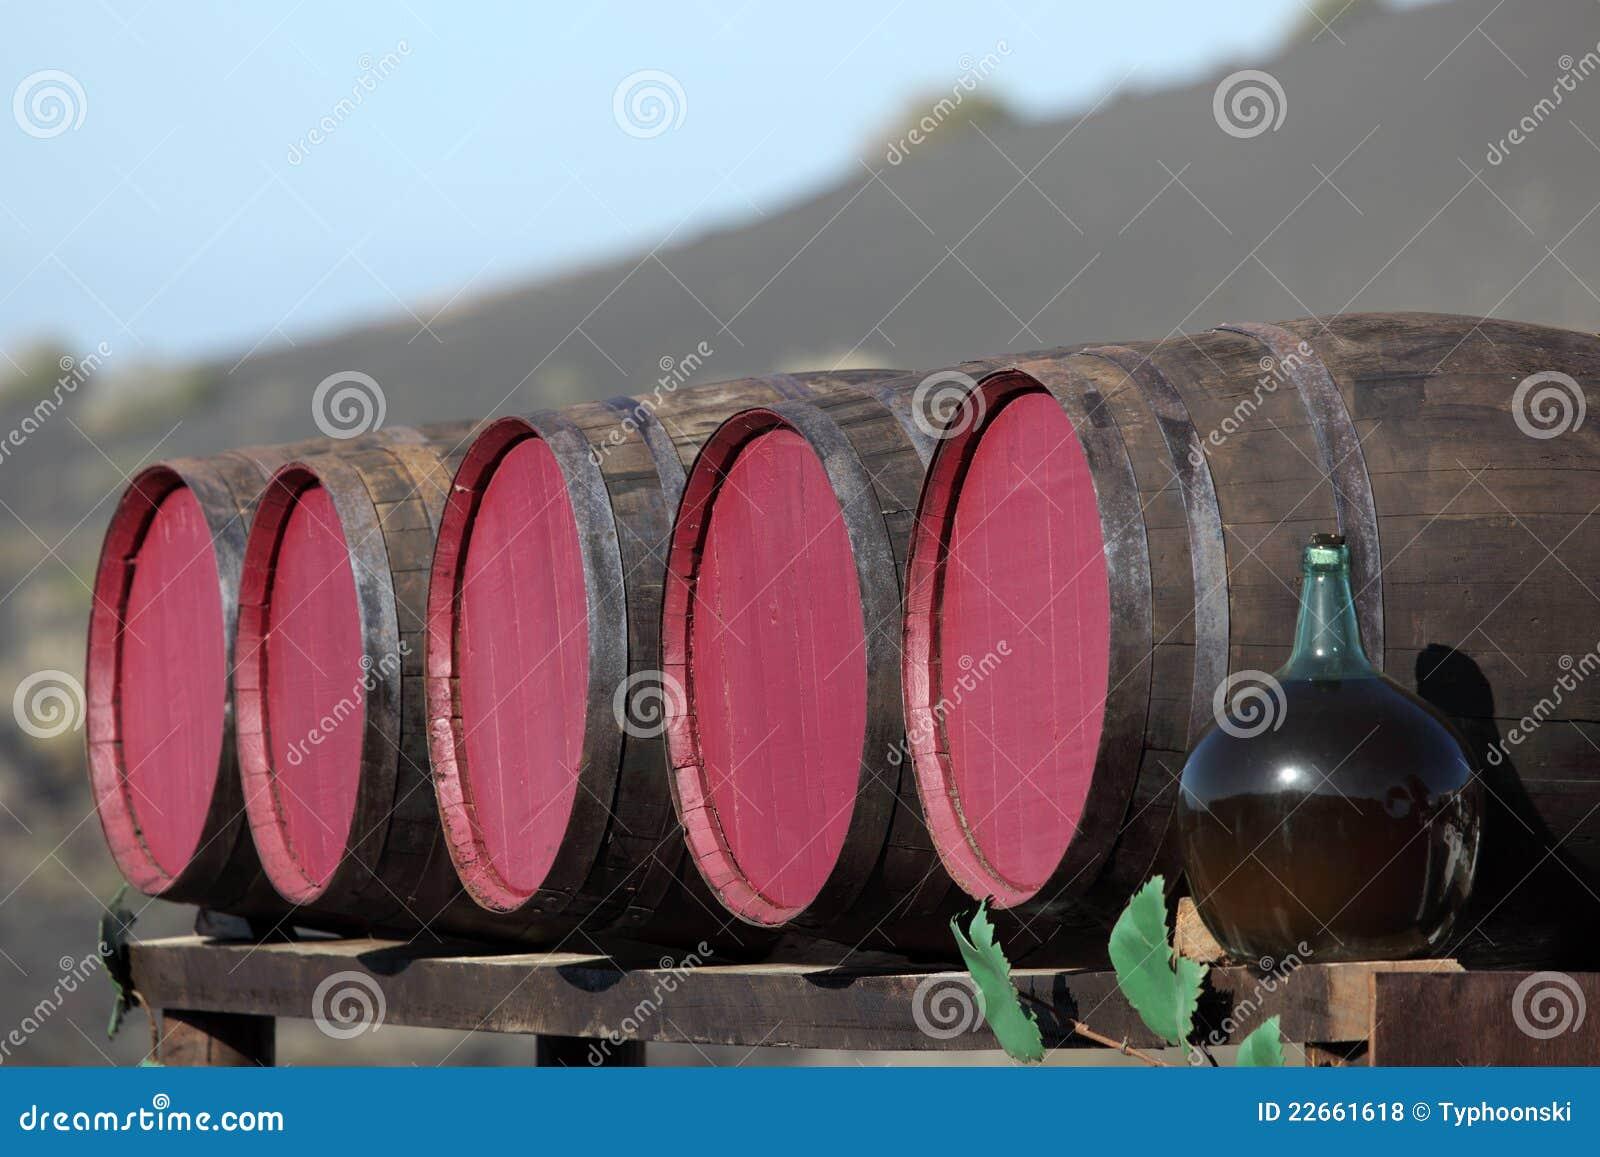 Wine barrels at a bodega